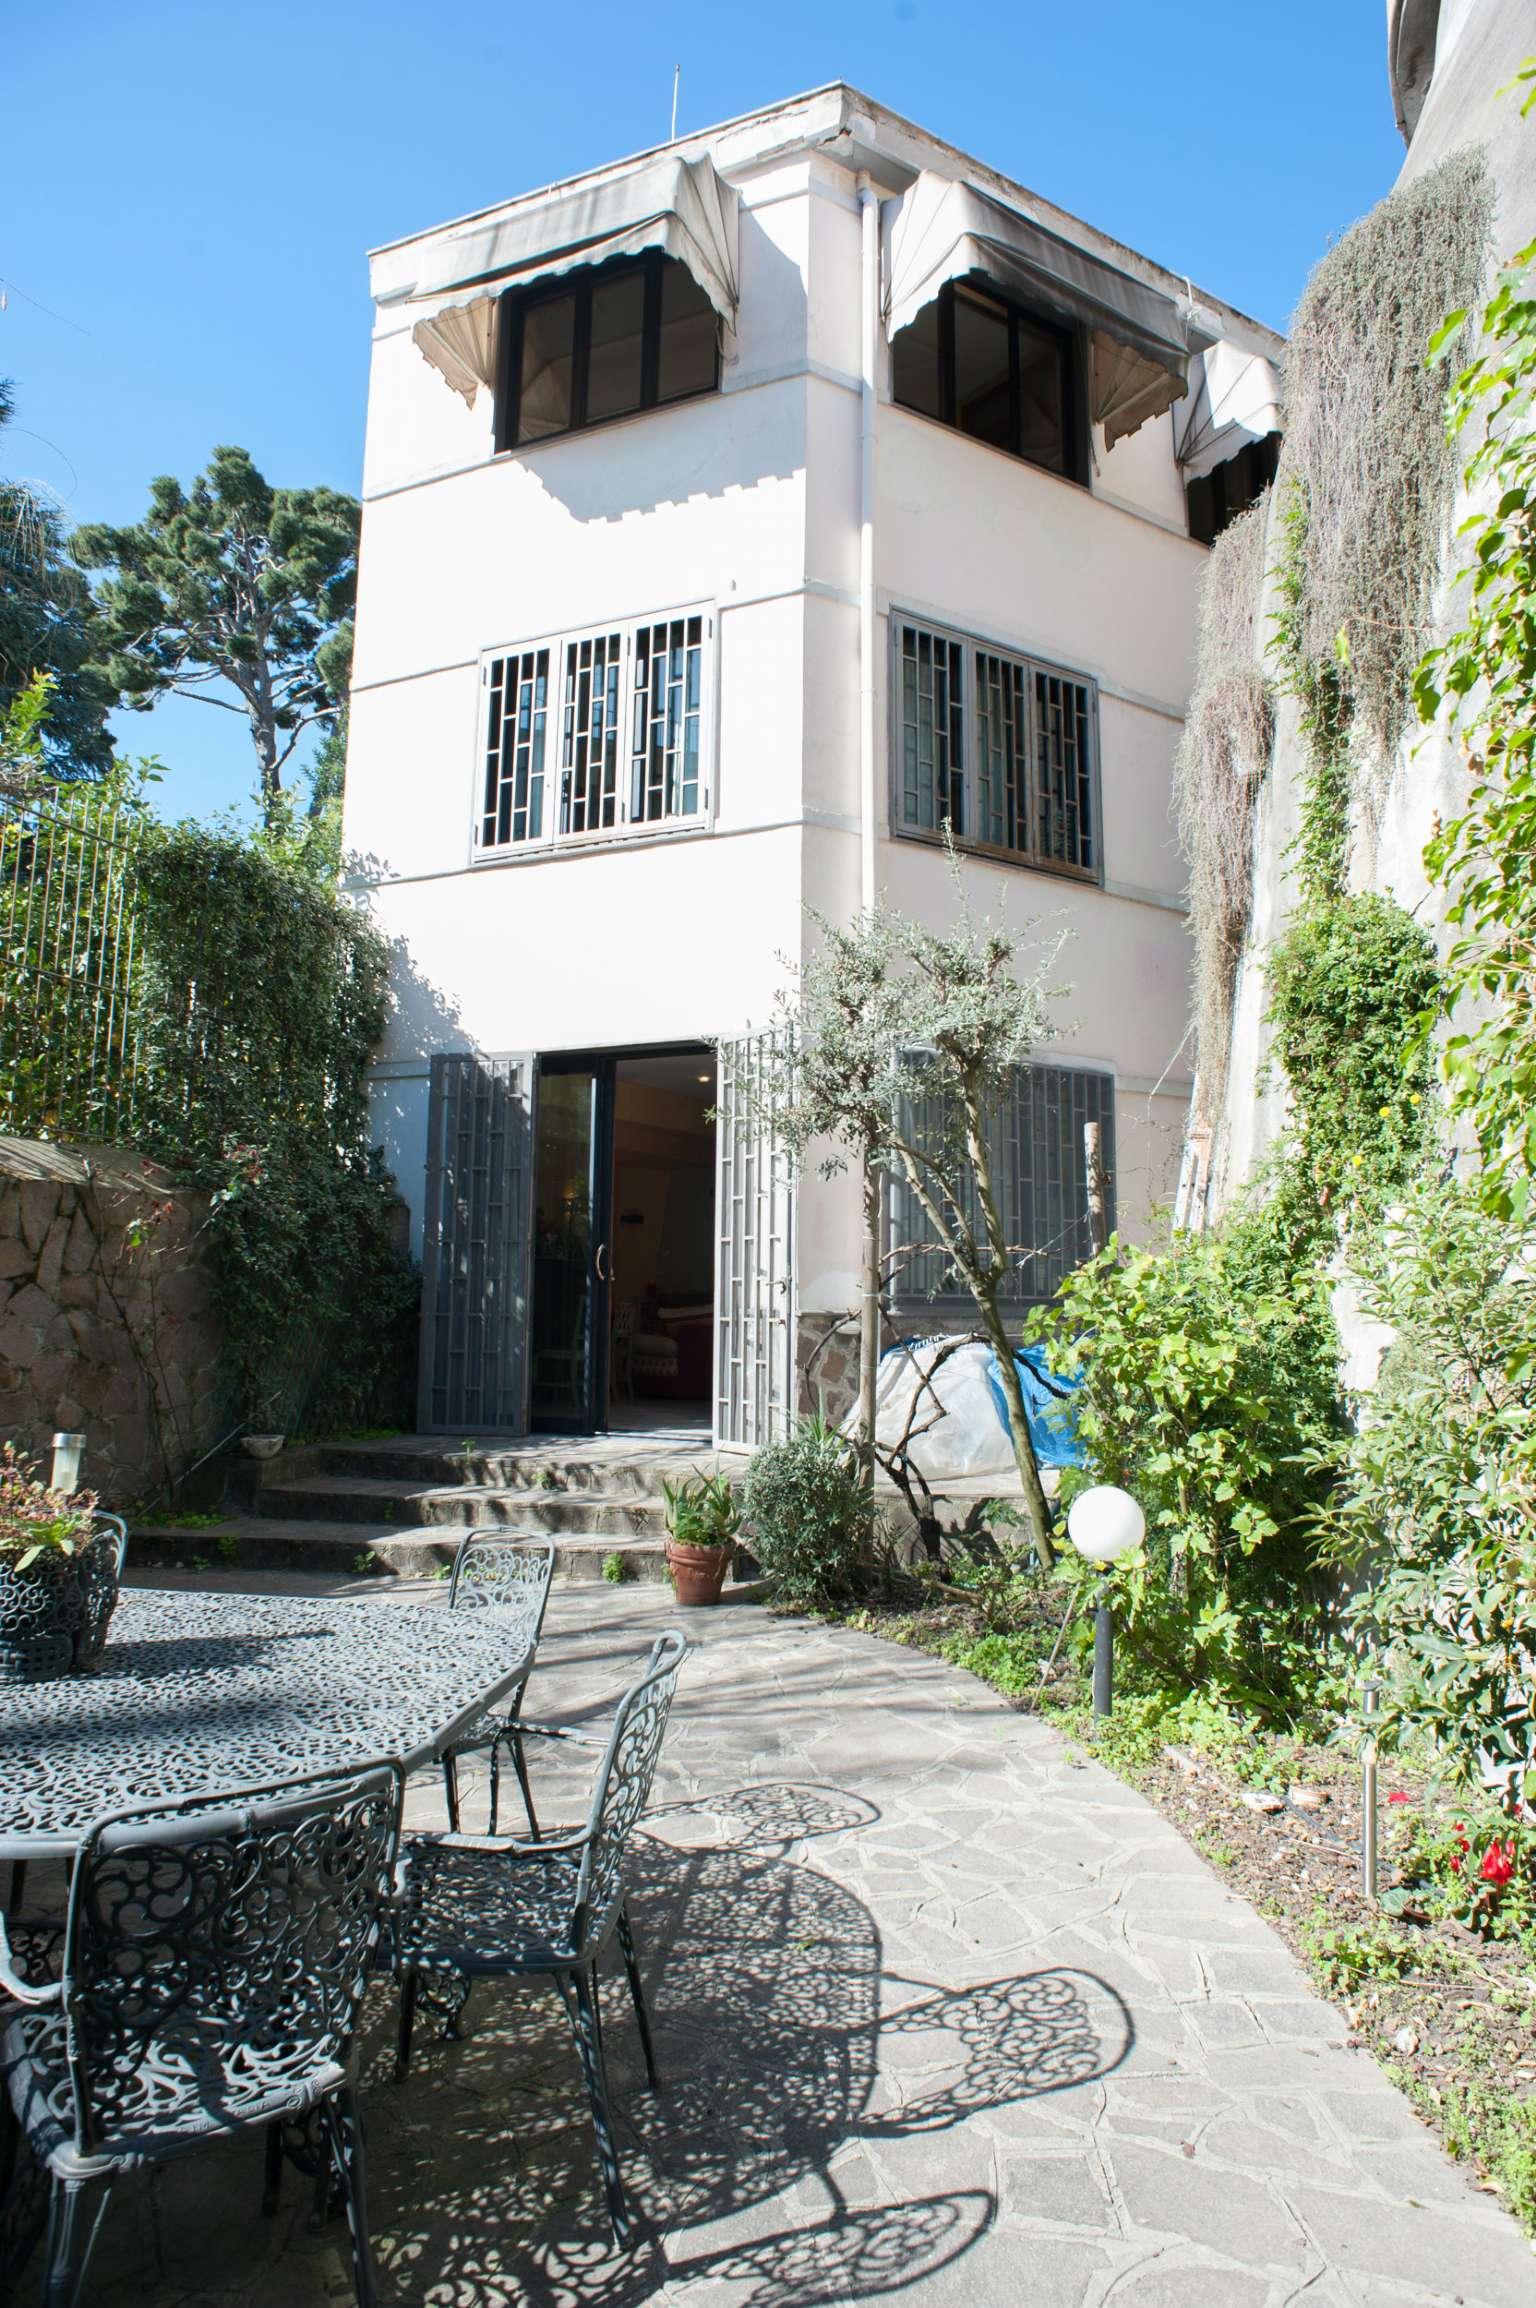 Palazzo / Stabile in vendita a Napoli, 6 locali, zona Zona: 1 . Chiaia, Posillipo, San Ferdinando, prezzo € 820.000 | CambioCasa.it